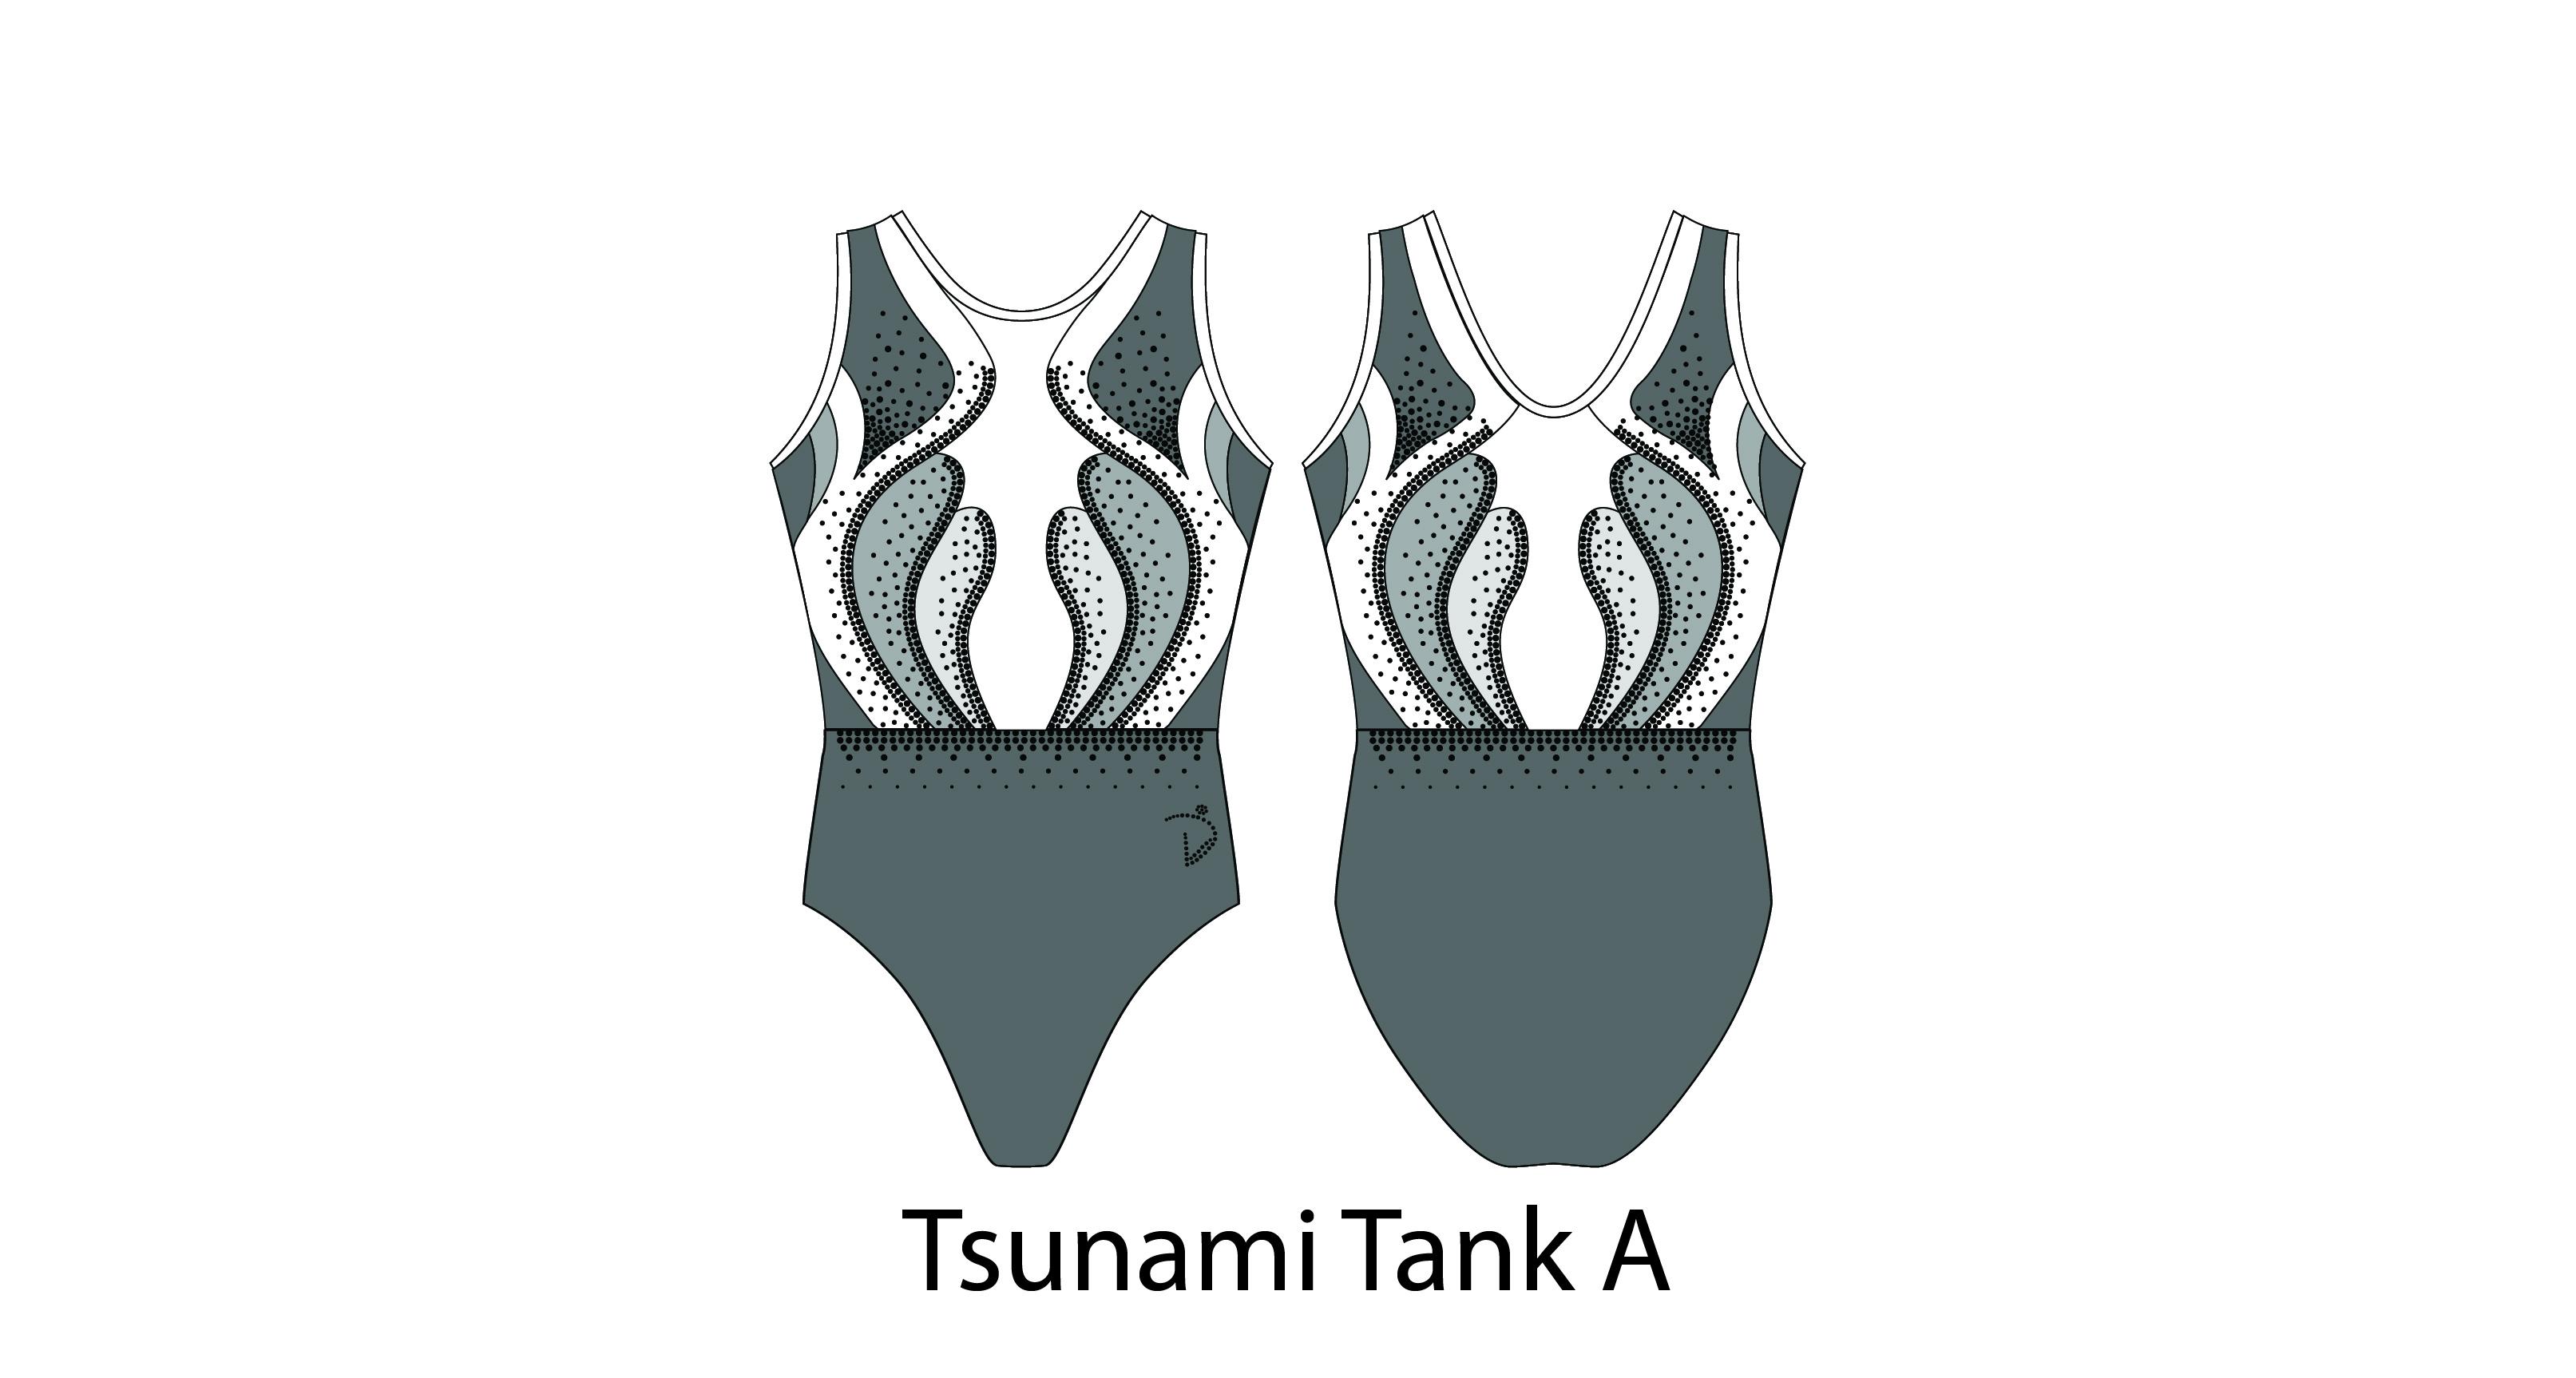 Tsunami Tank A